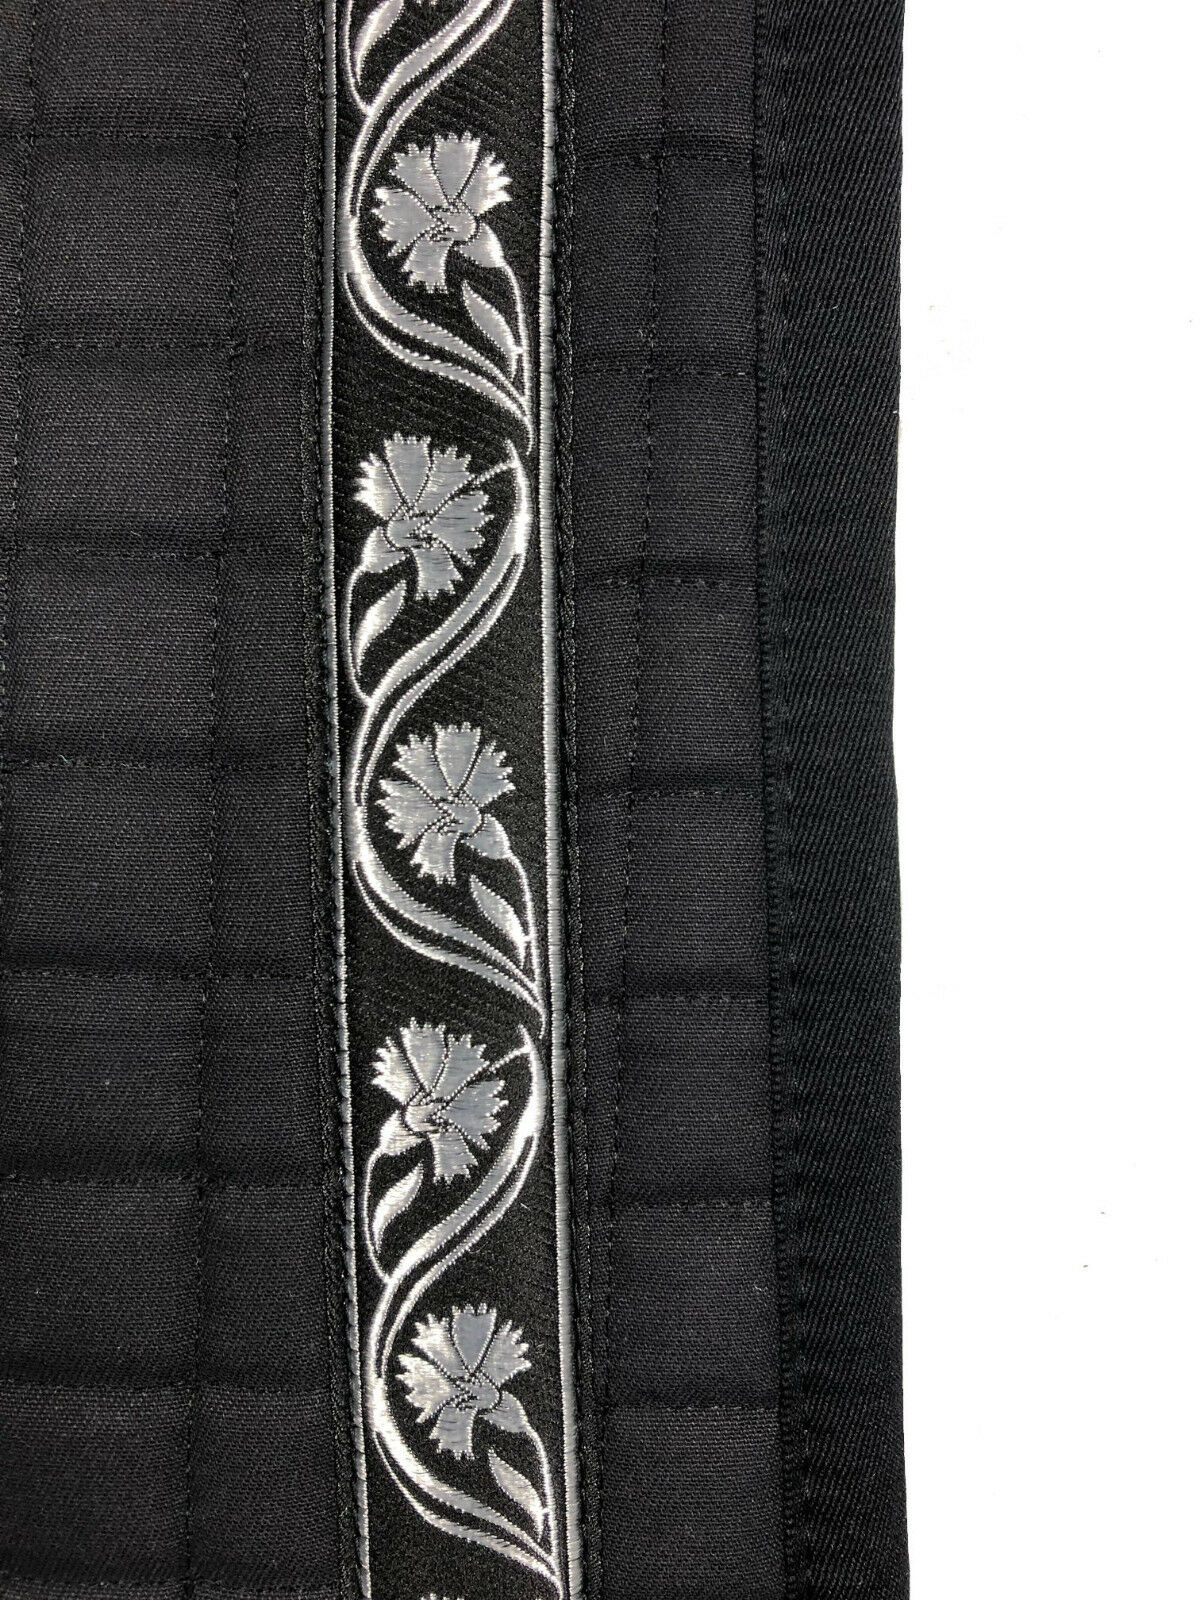 Barock Dressur Dressur Dressur Schabracke in Schwarz mit hübscher Borte in Silber c031ea